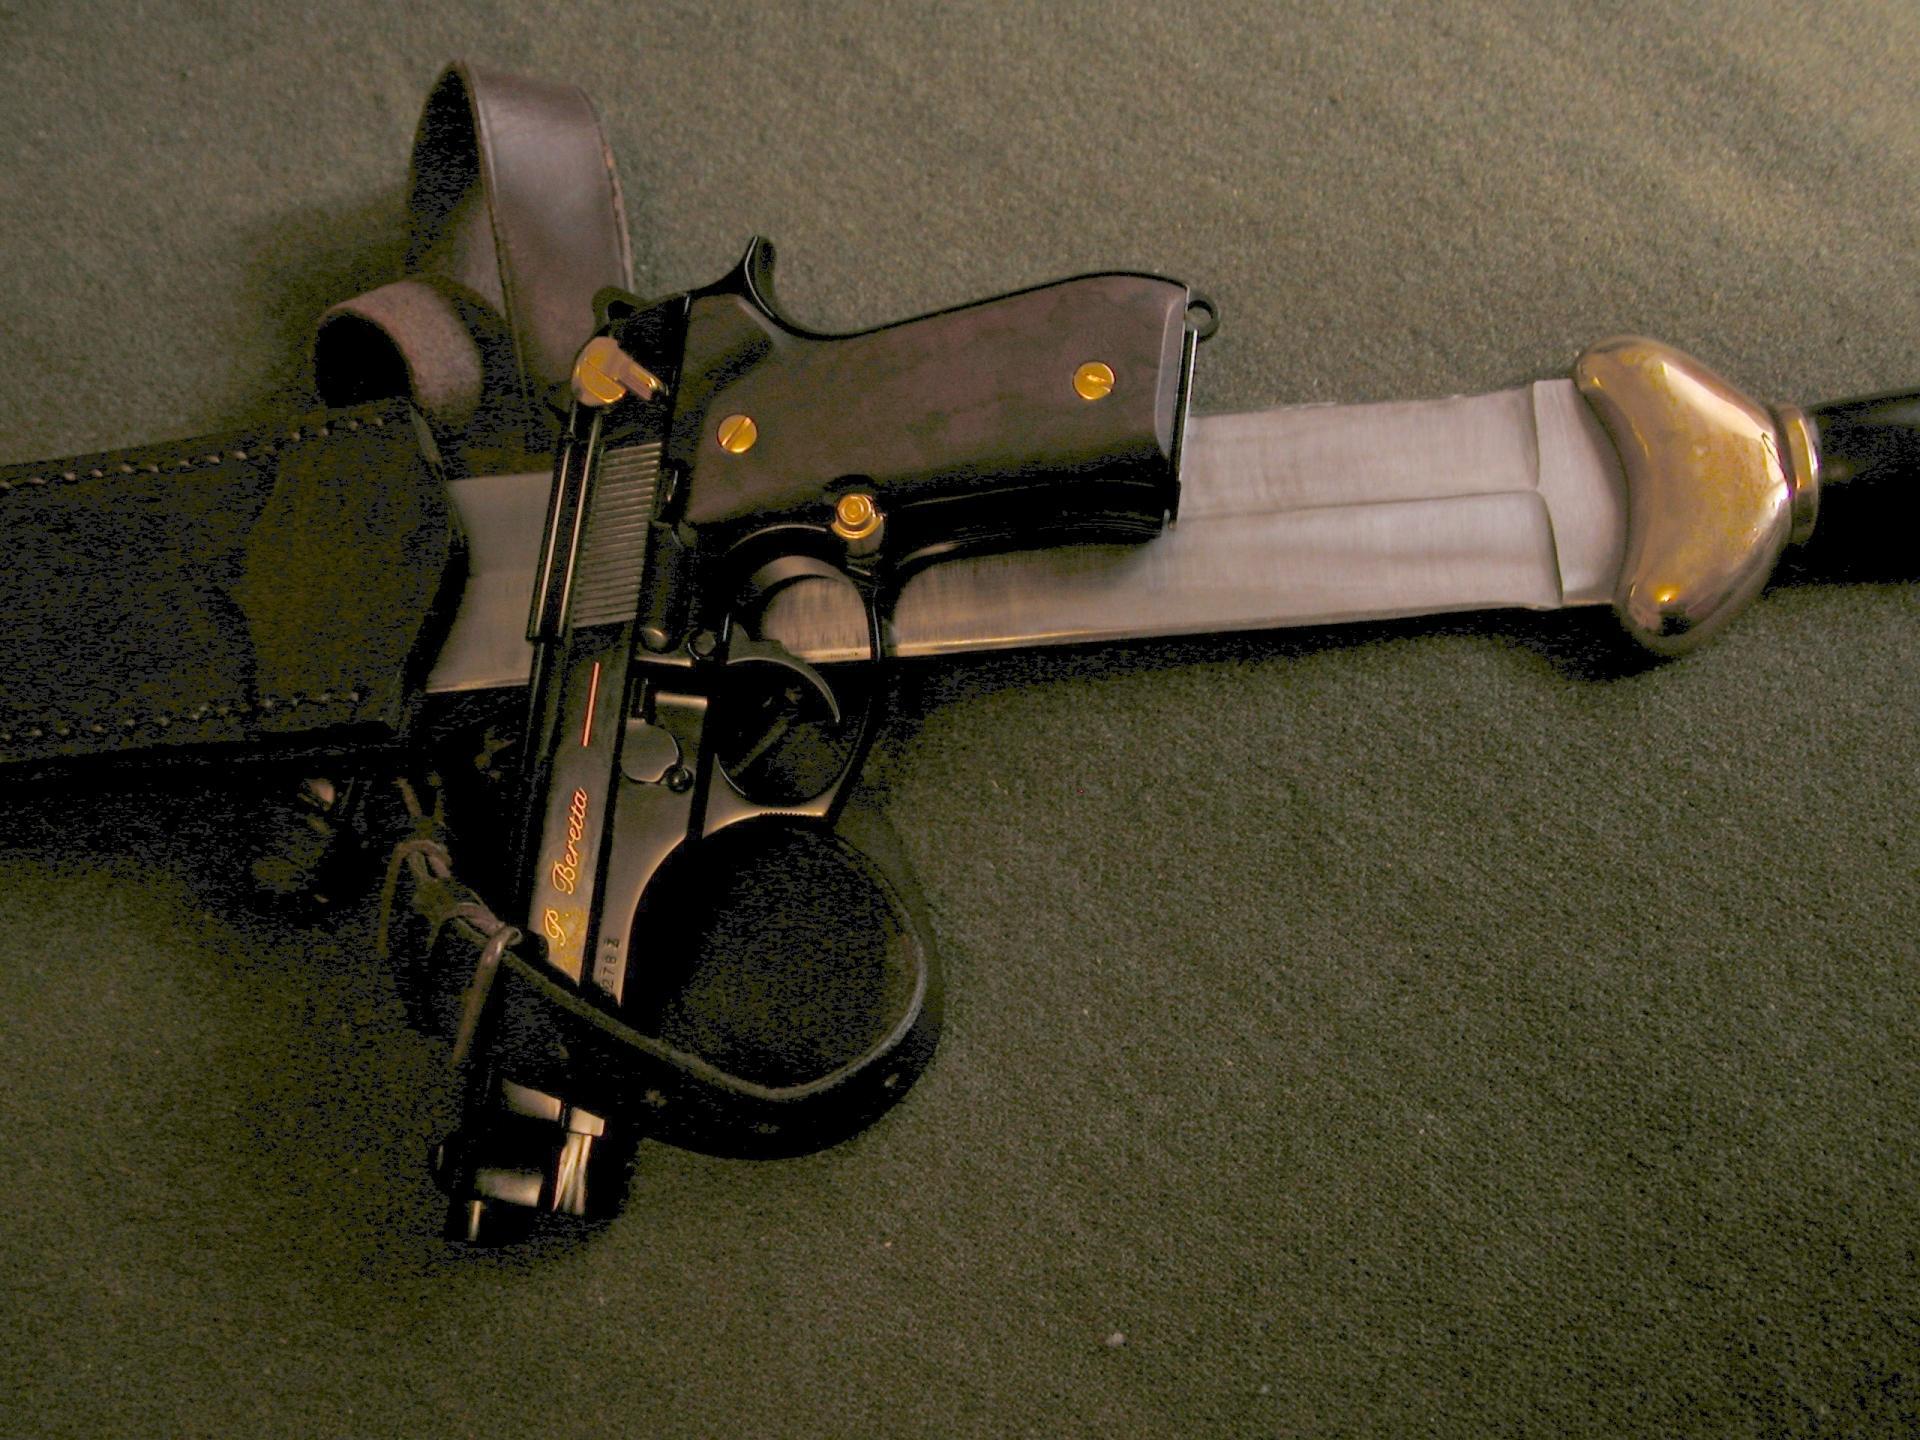 Beretta Pistol wallpapers HD quality